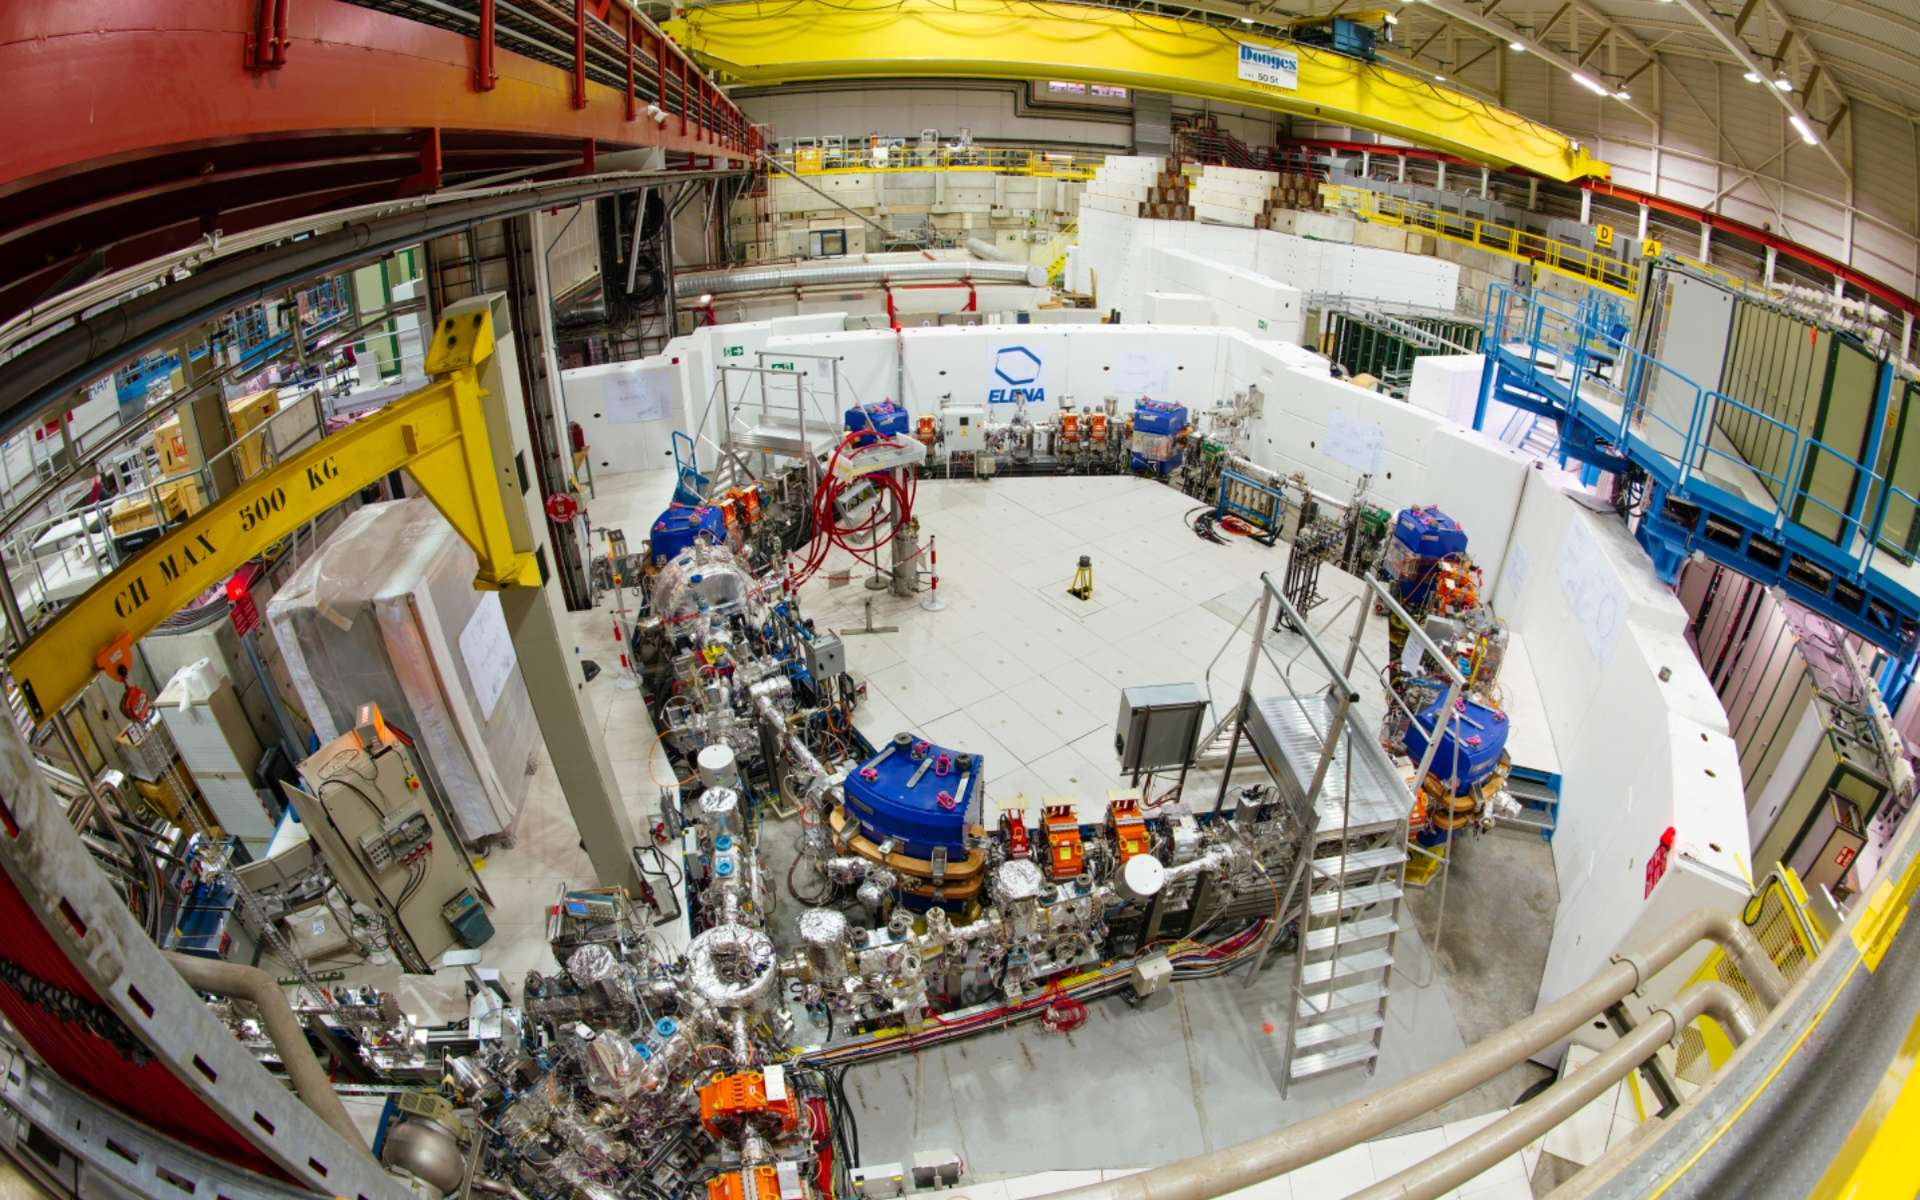 Le Cern est sur la piste de l'antigravité avec l'expérience GBAR. Ici, l'anneau de décélération Elena, de 30 mètres de circonférence, qui réduit l'énergie des antiprotons pour améliorer l'efficacité des expériences sur l'antimatière. © Maximilien Brice, Cern